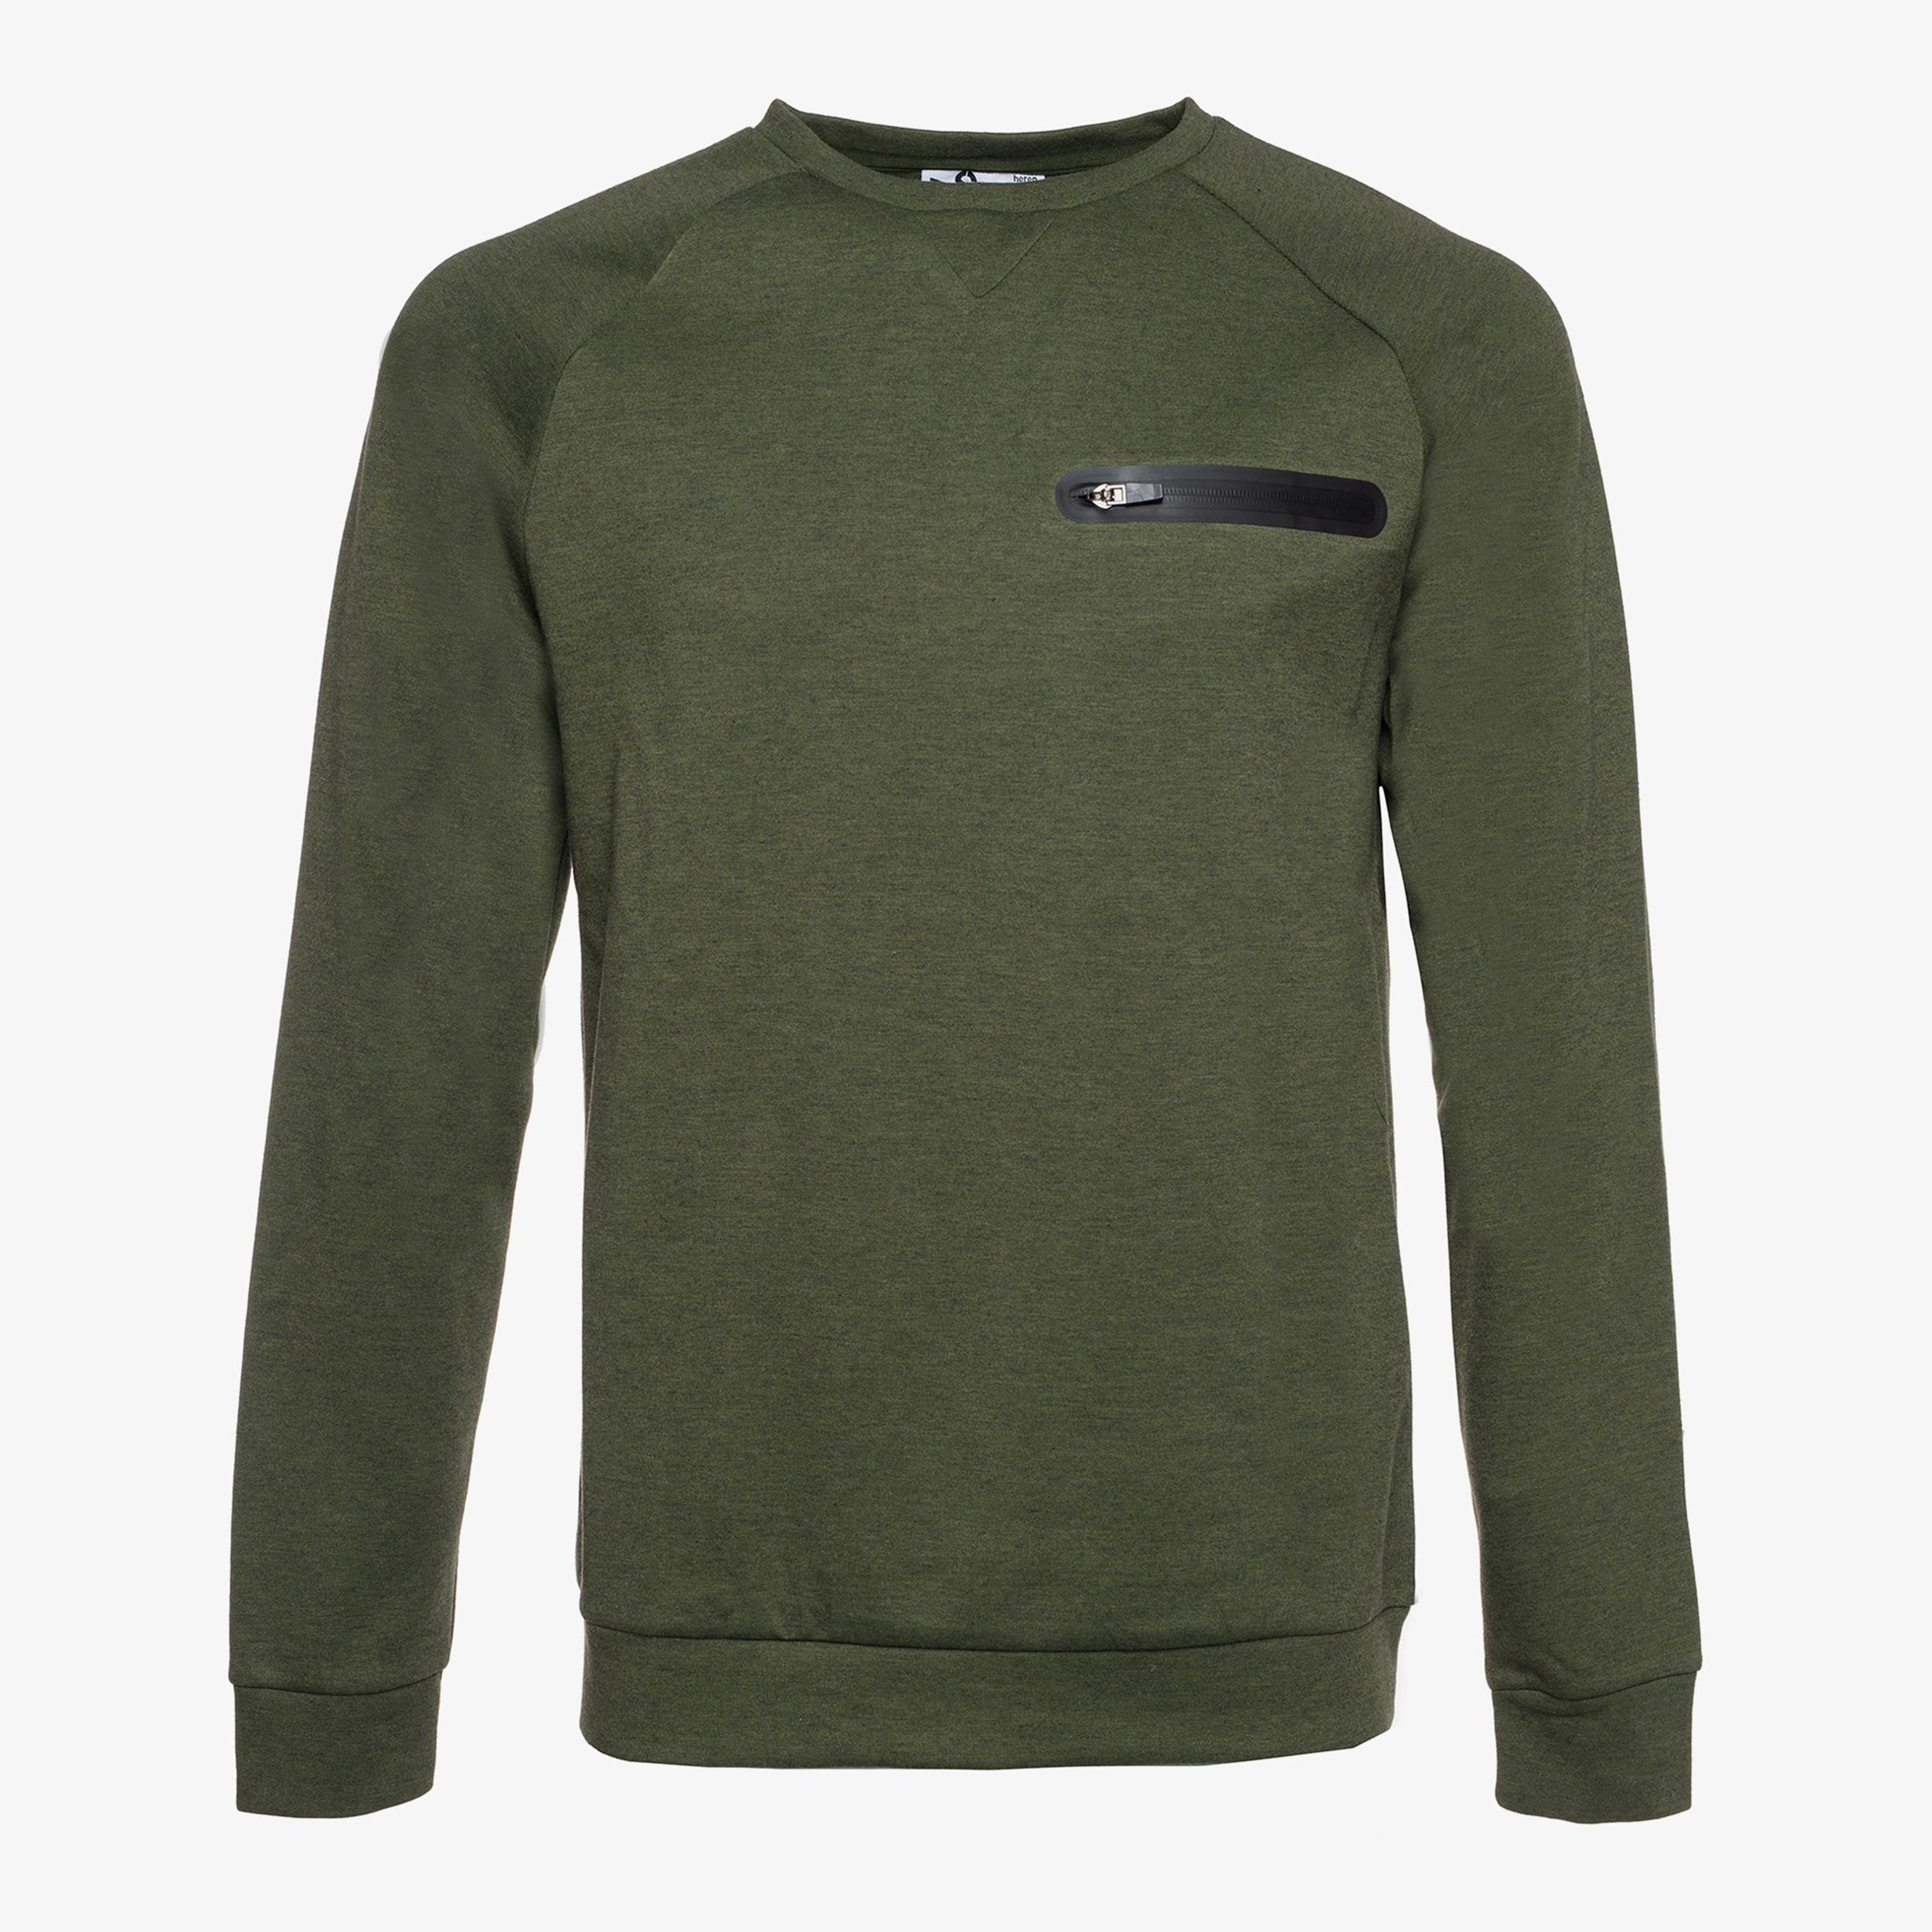 heren sweater, dames sweater folder aanbieding bij Scapino